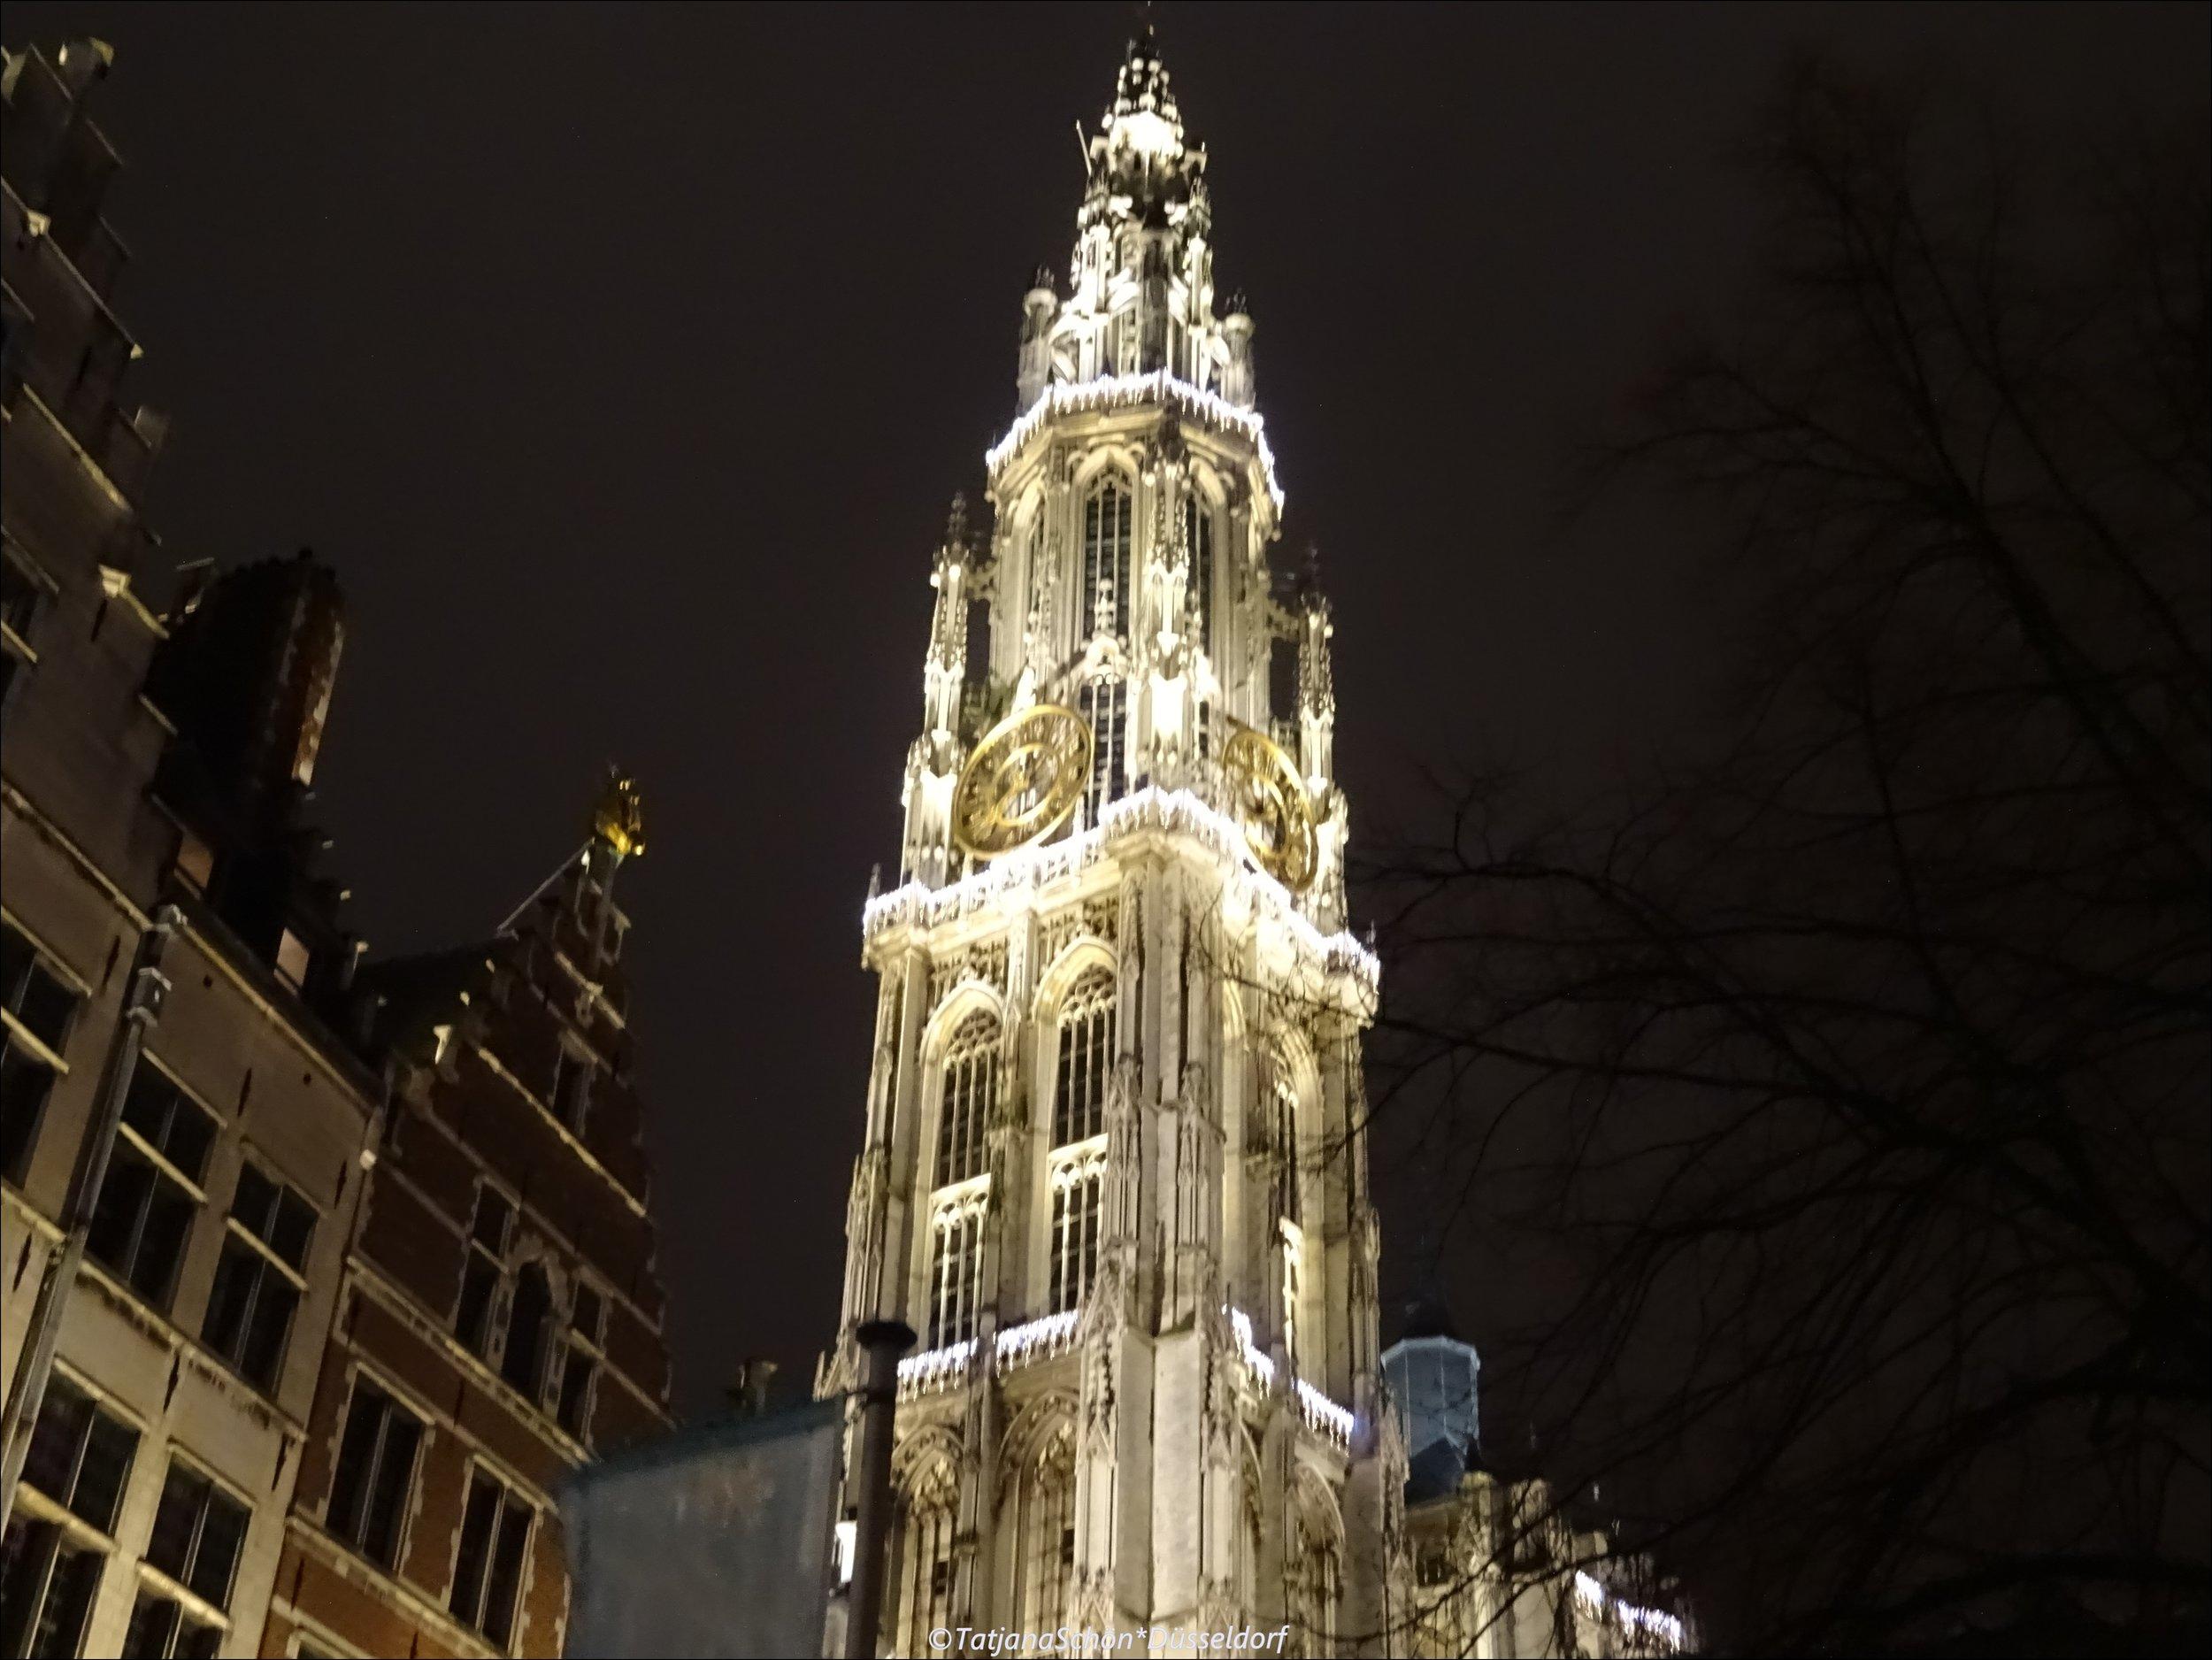 """Главная католическая церковь Антверпена изумительно украшена """"огоньками"""" перед рождественскими праздниками в декабре 2018 года"""